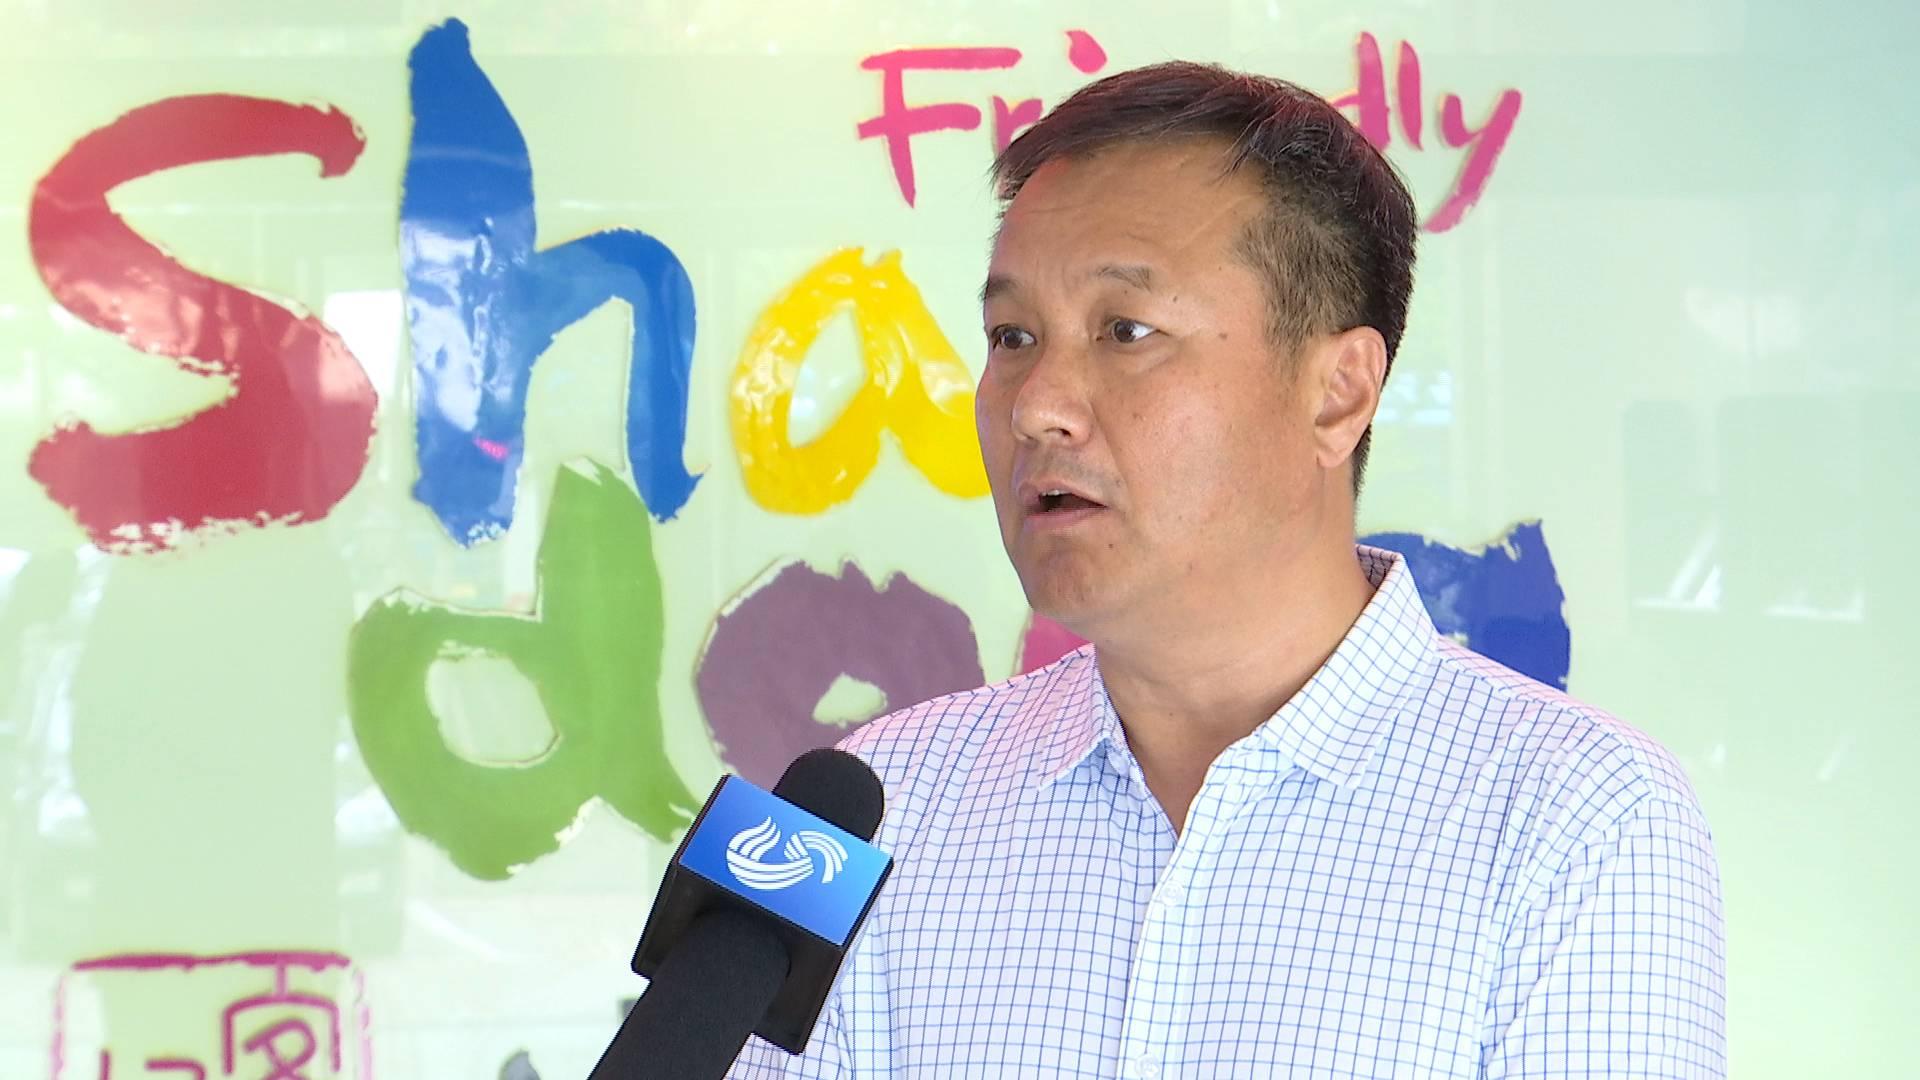 亲切的关怀 巨大的鼓舞|山东省旅发委副主任张明池:以乡村旅游全域化助推乡村振兴